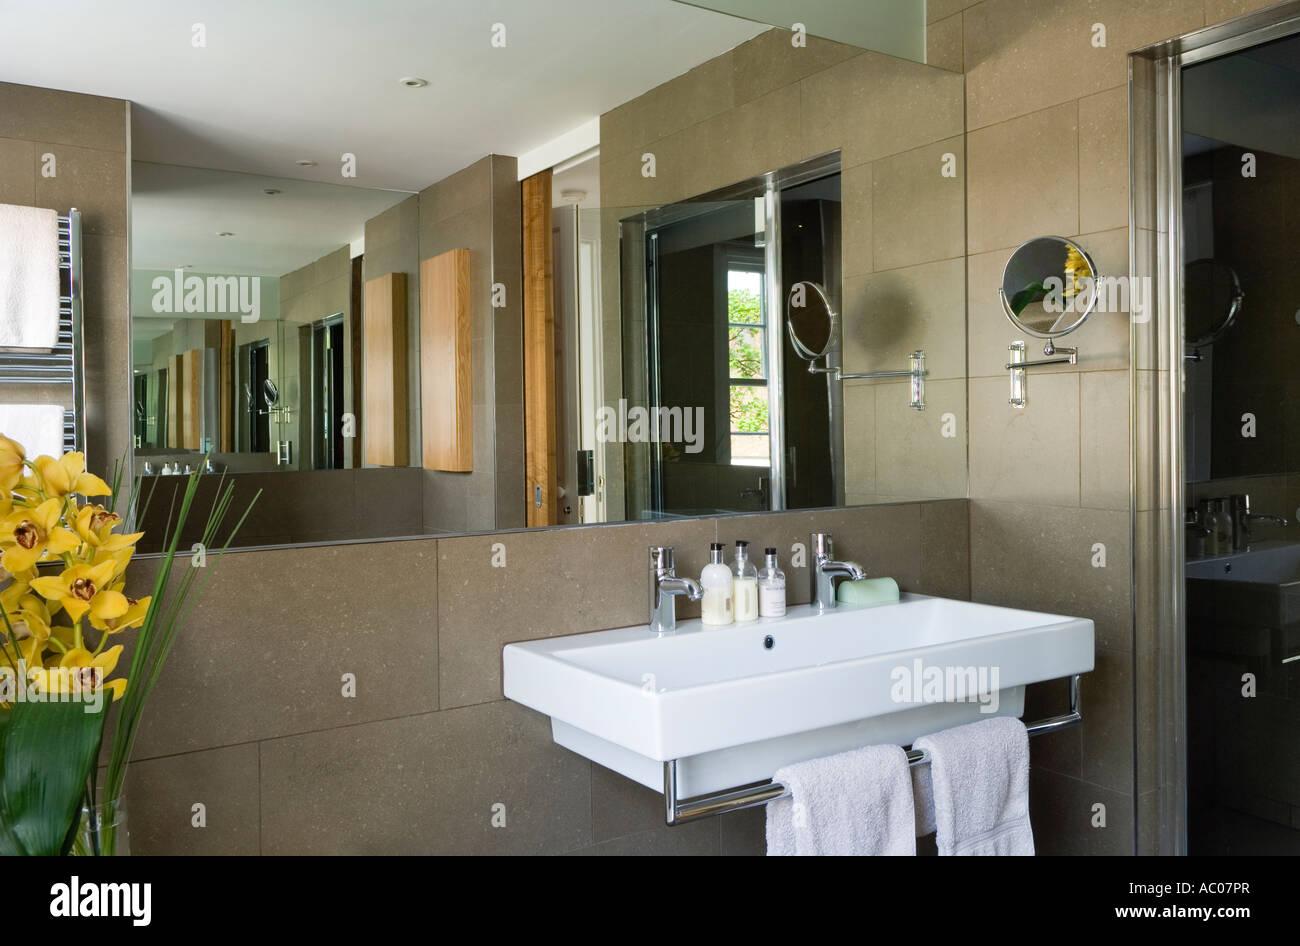 Lavandino in bagno modernista con un grande specchio e piastrelle di